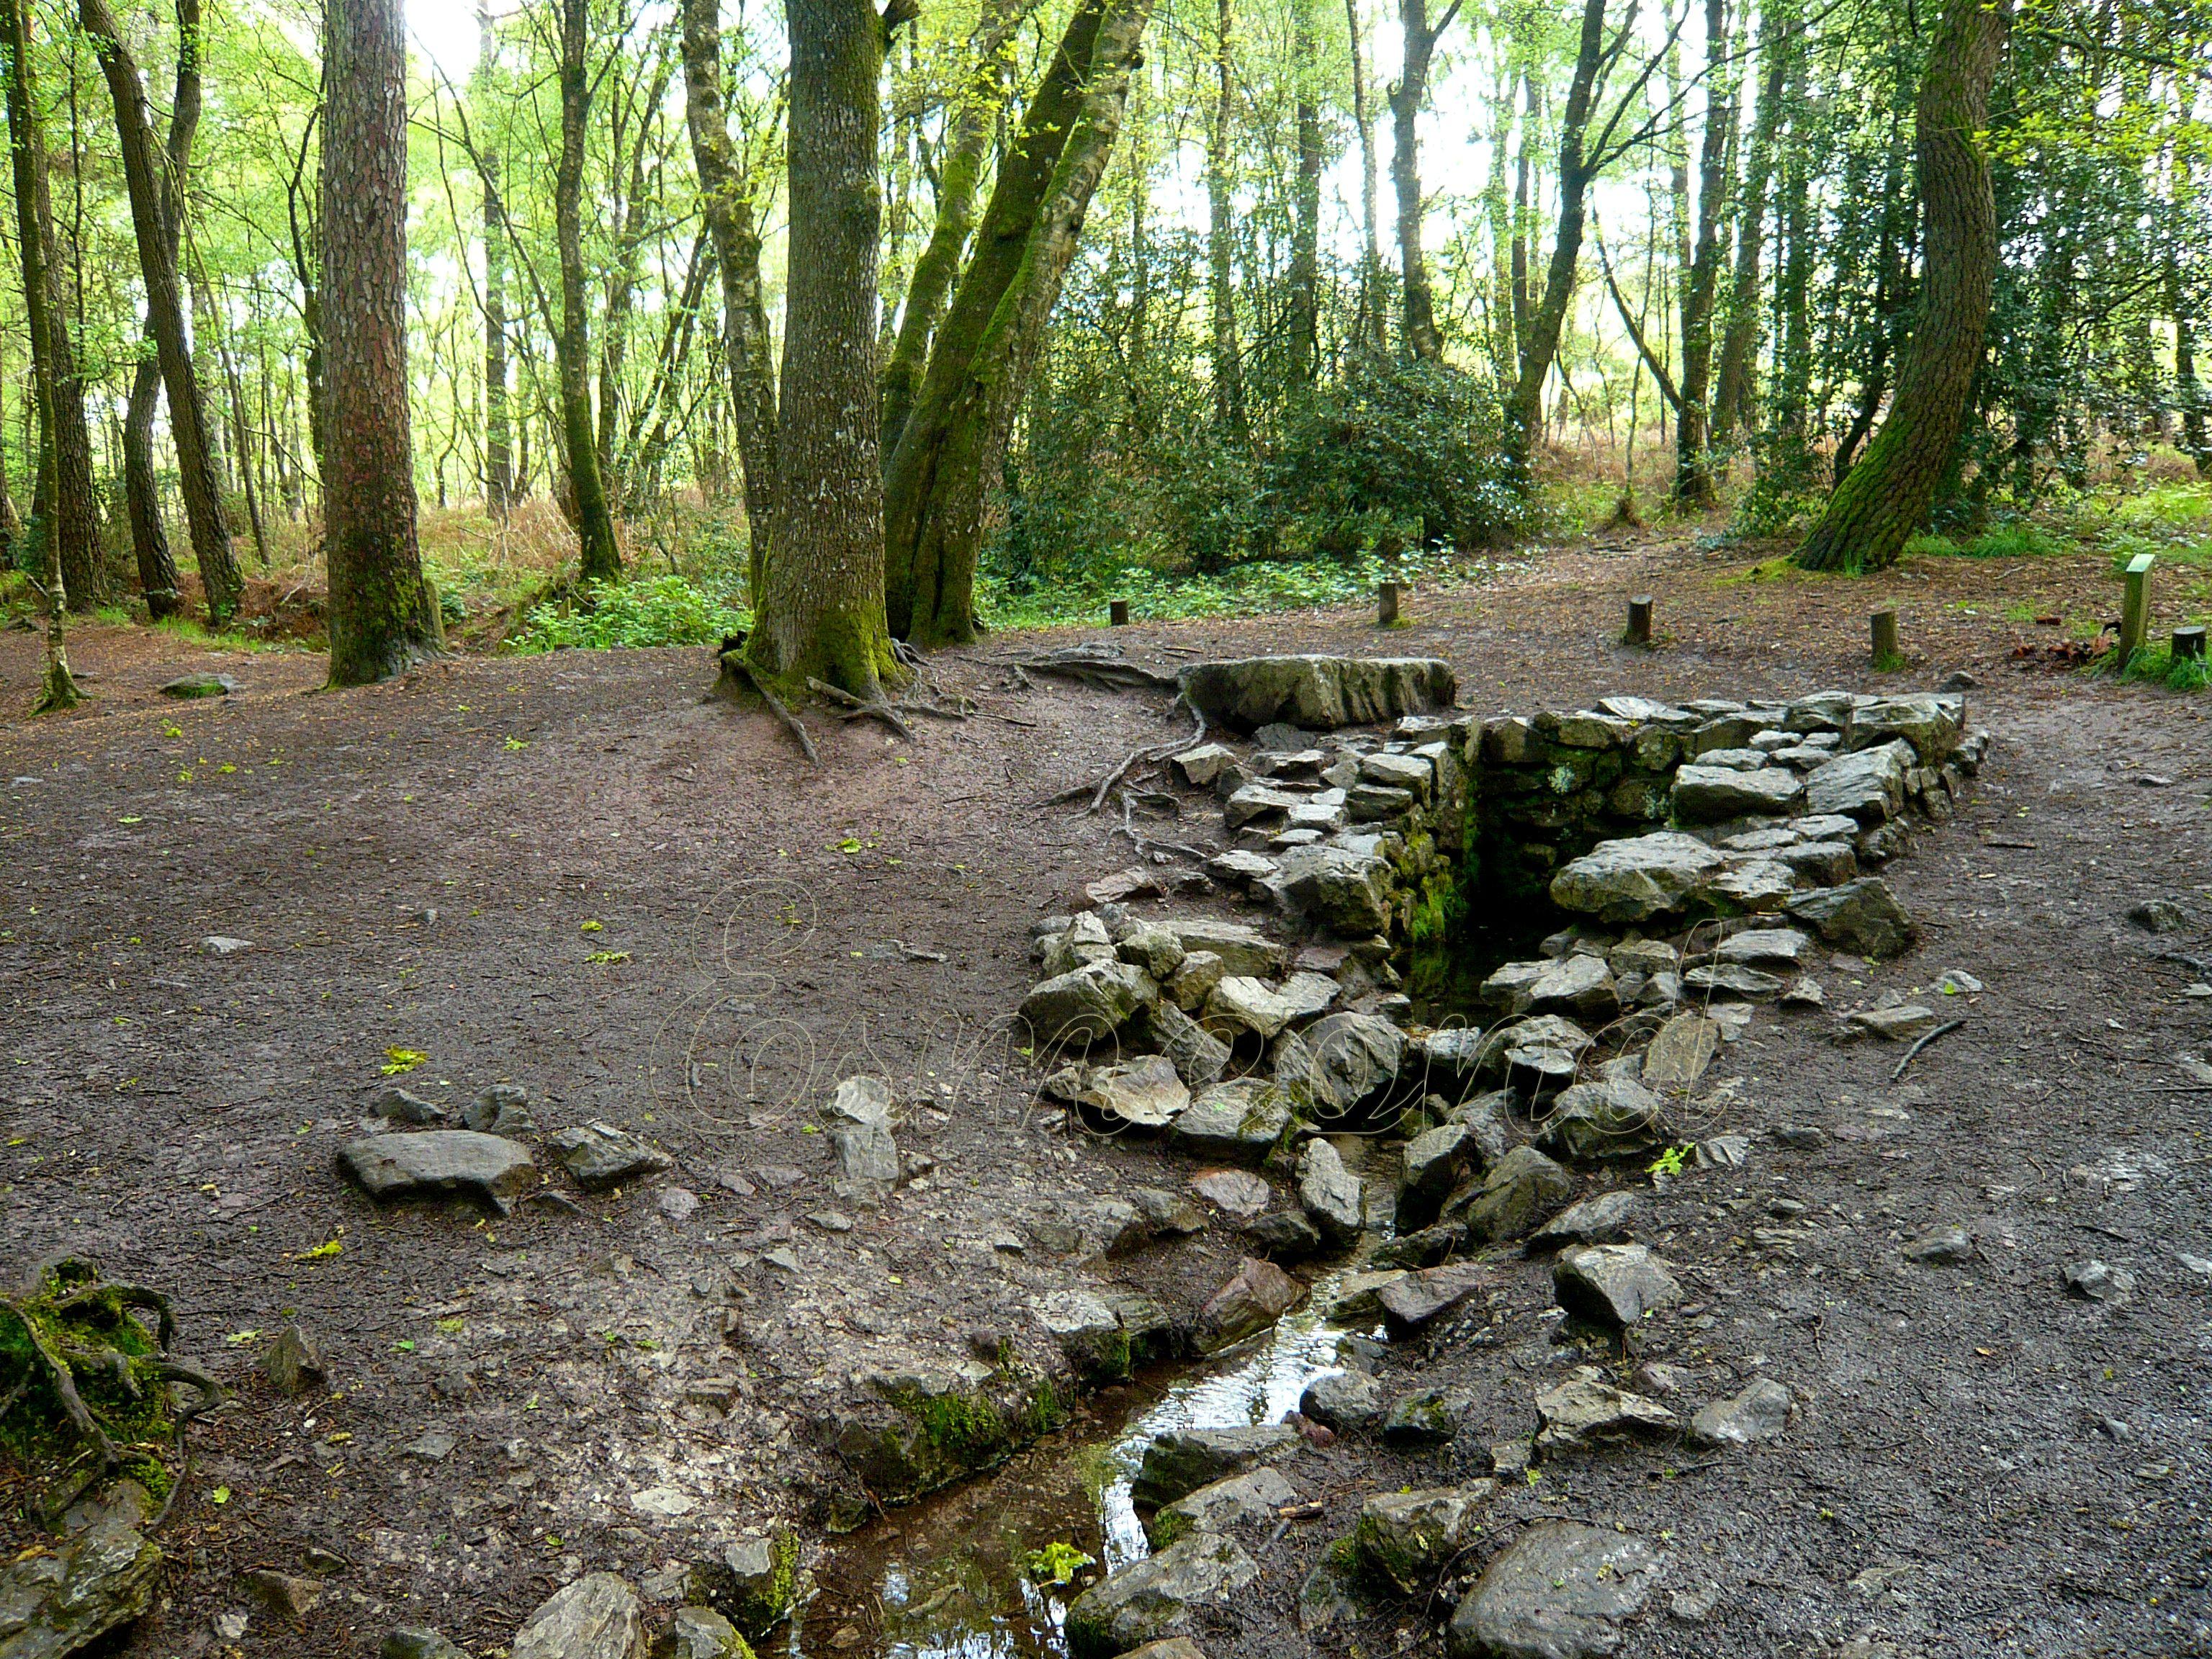 La fontaine de Barenton, forêt de Brocéliande, France